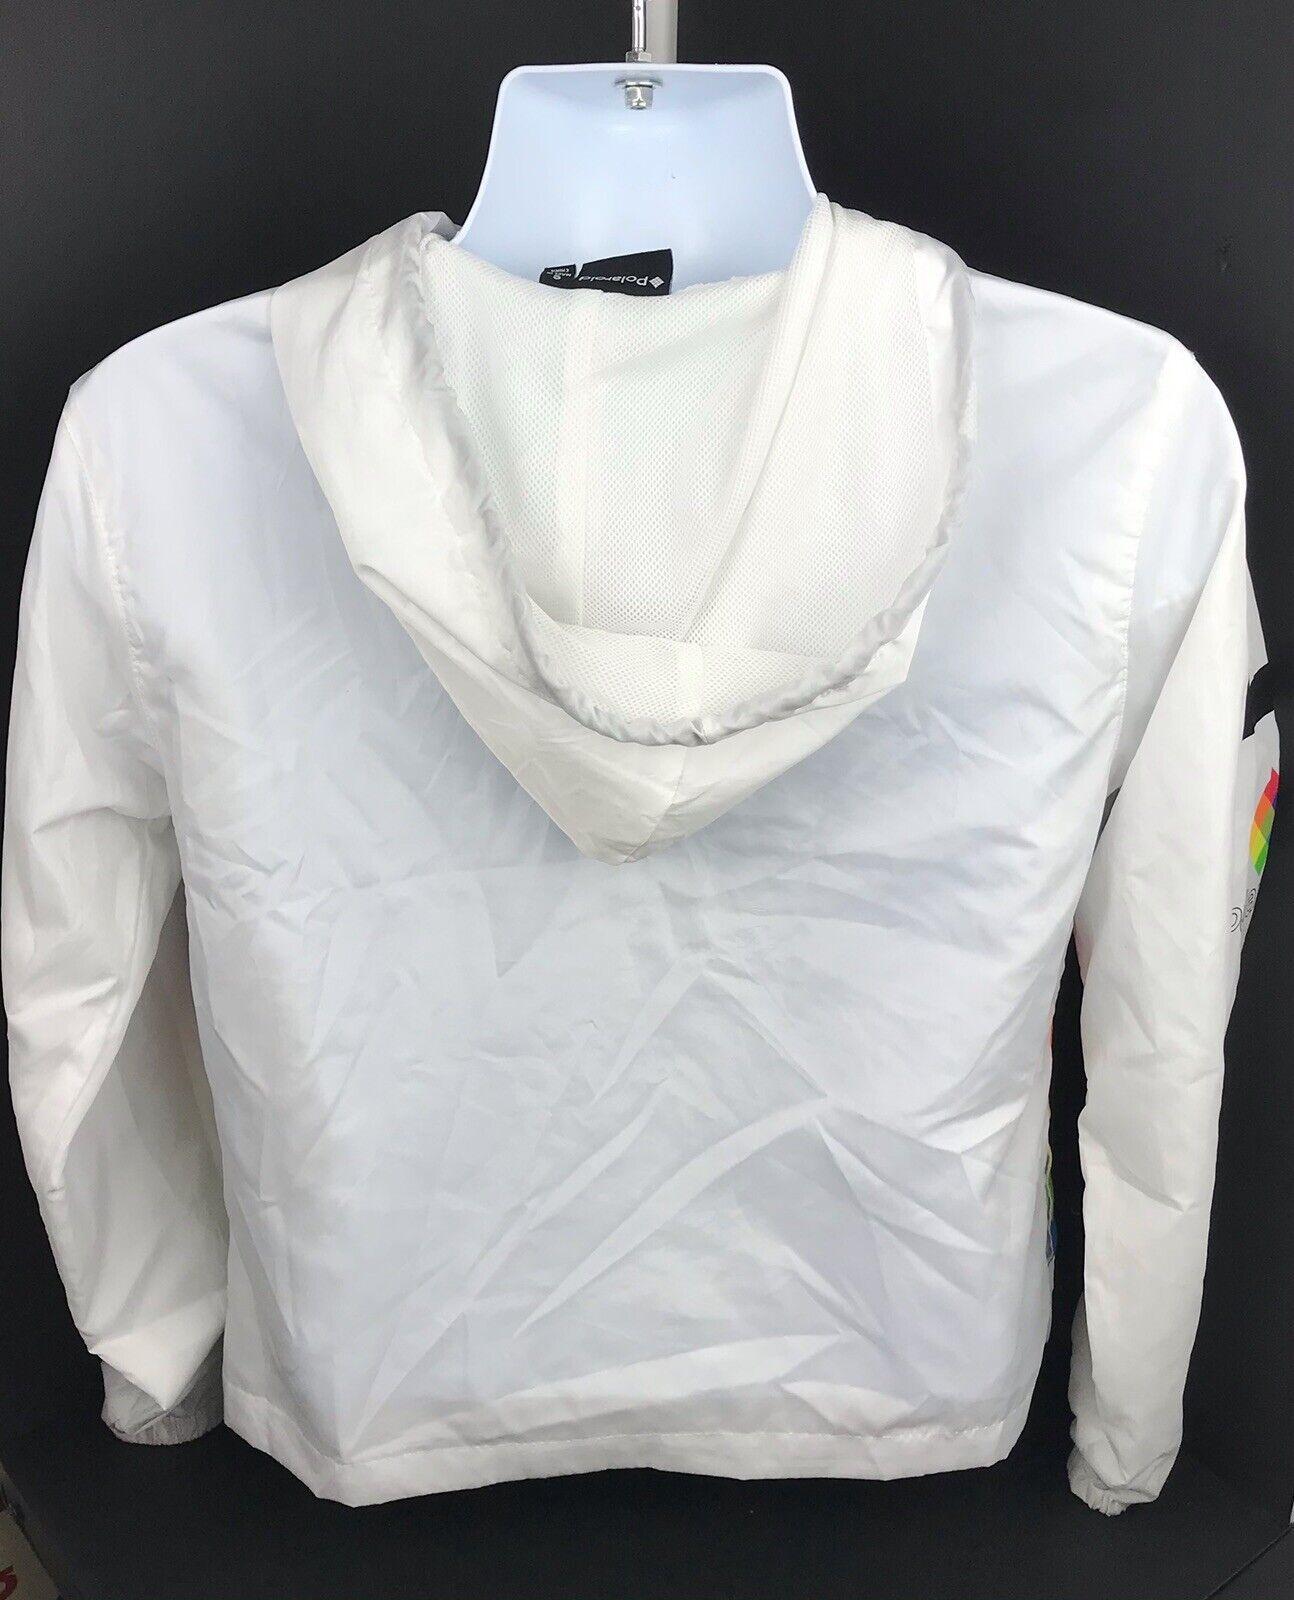 polaroid jacket - image 2